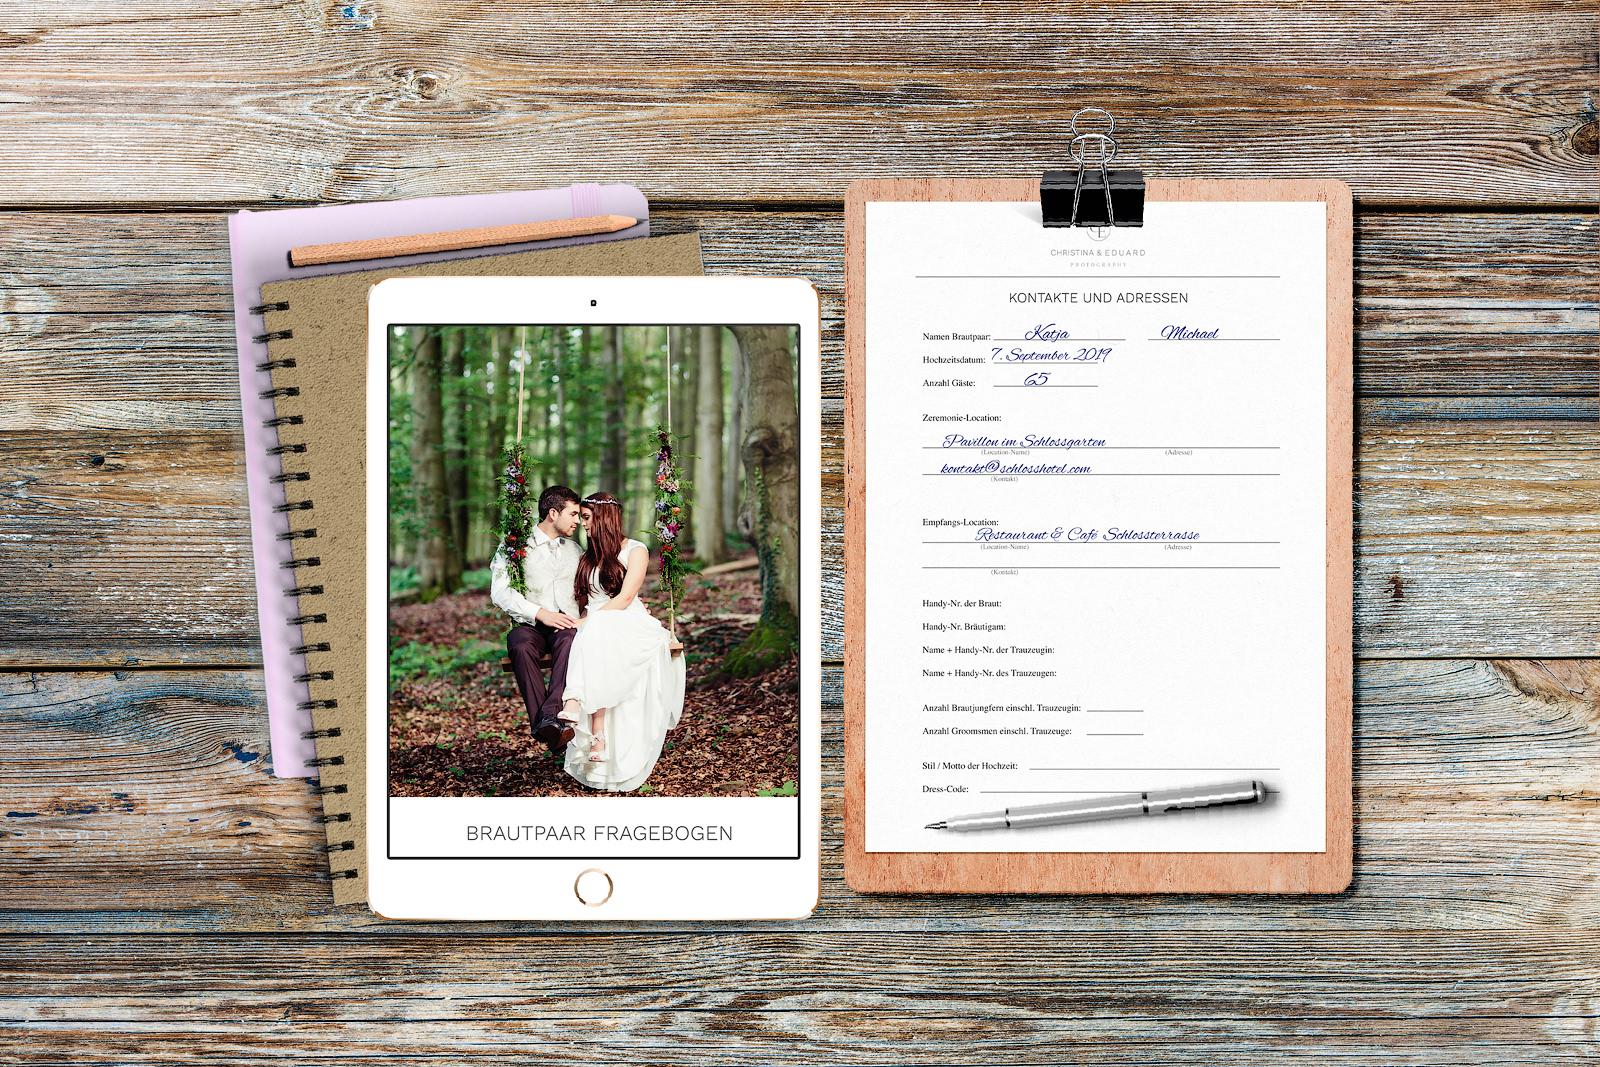 Praktischer Fragebogen für Brautpaare